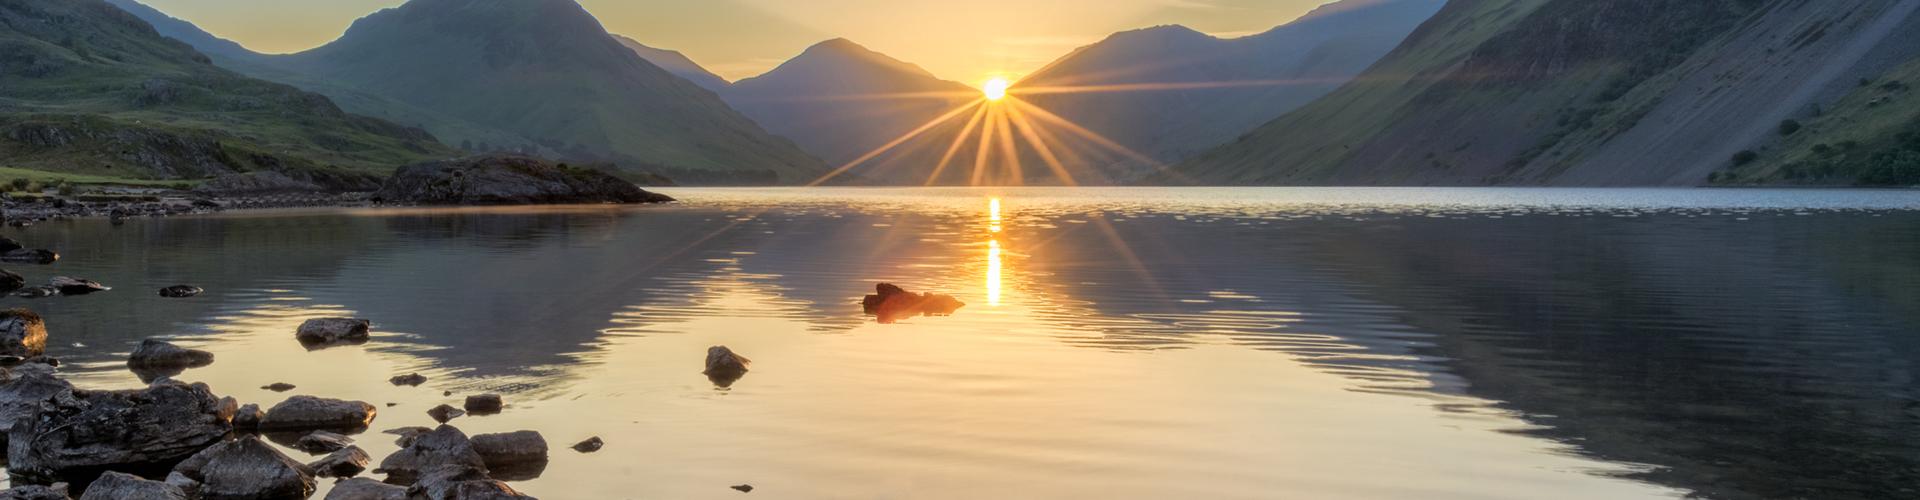 Western Isles water way